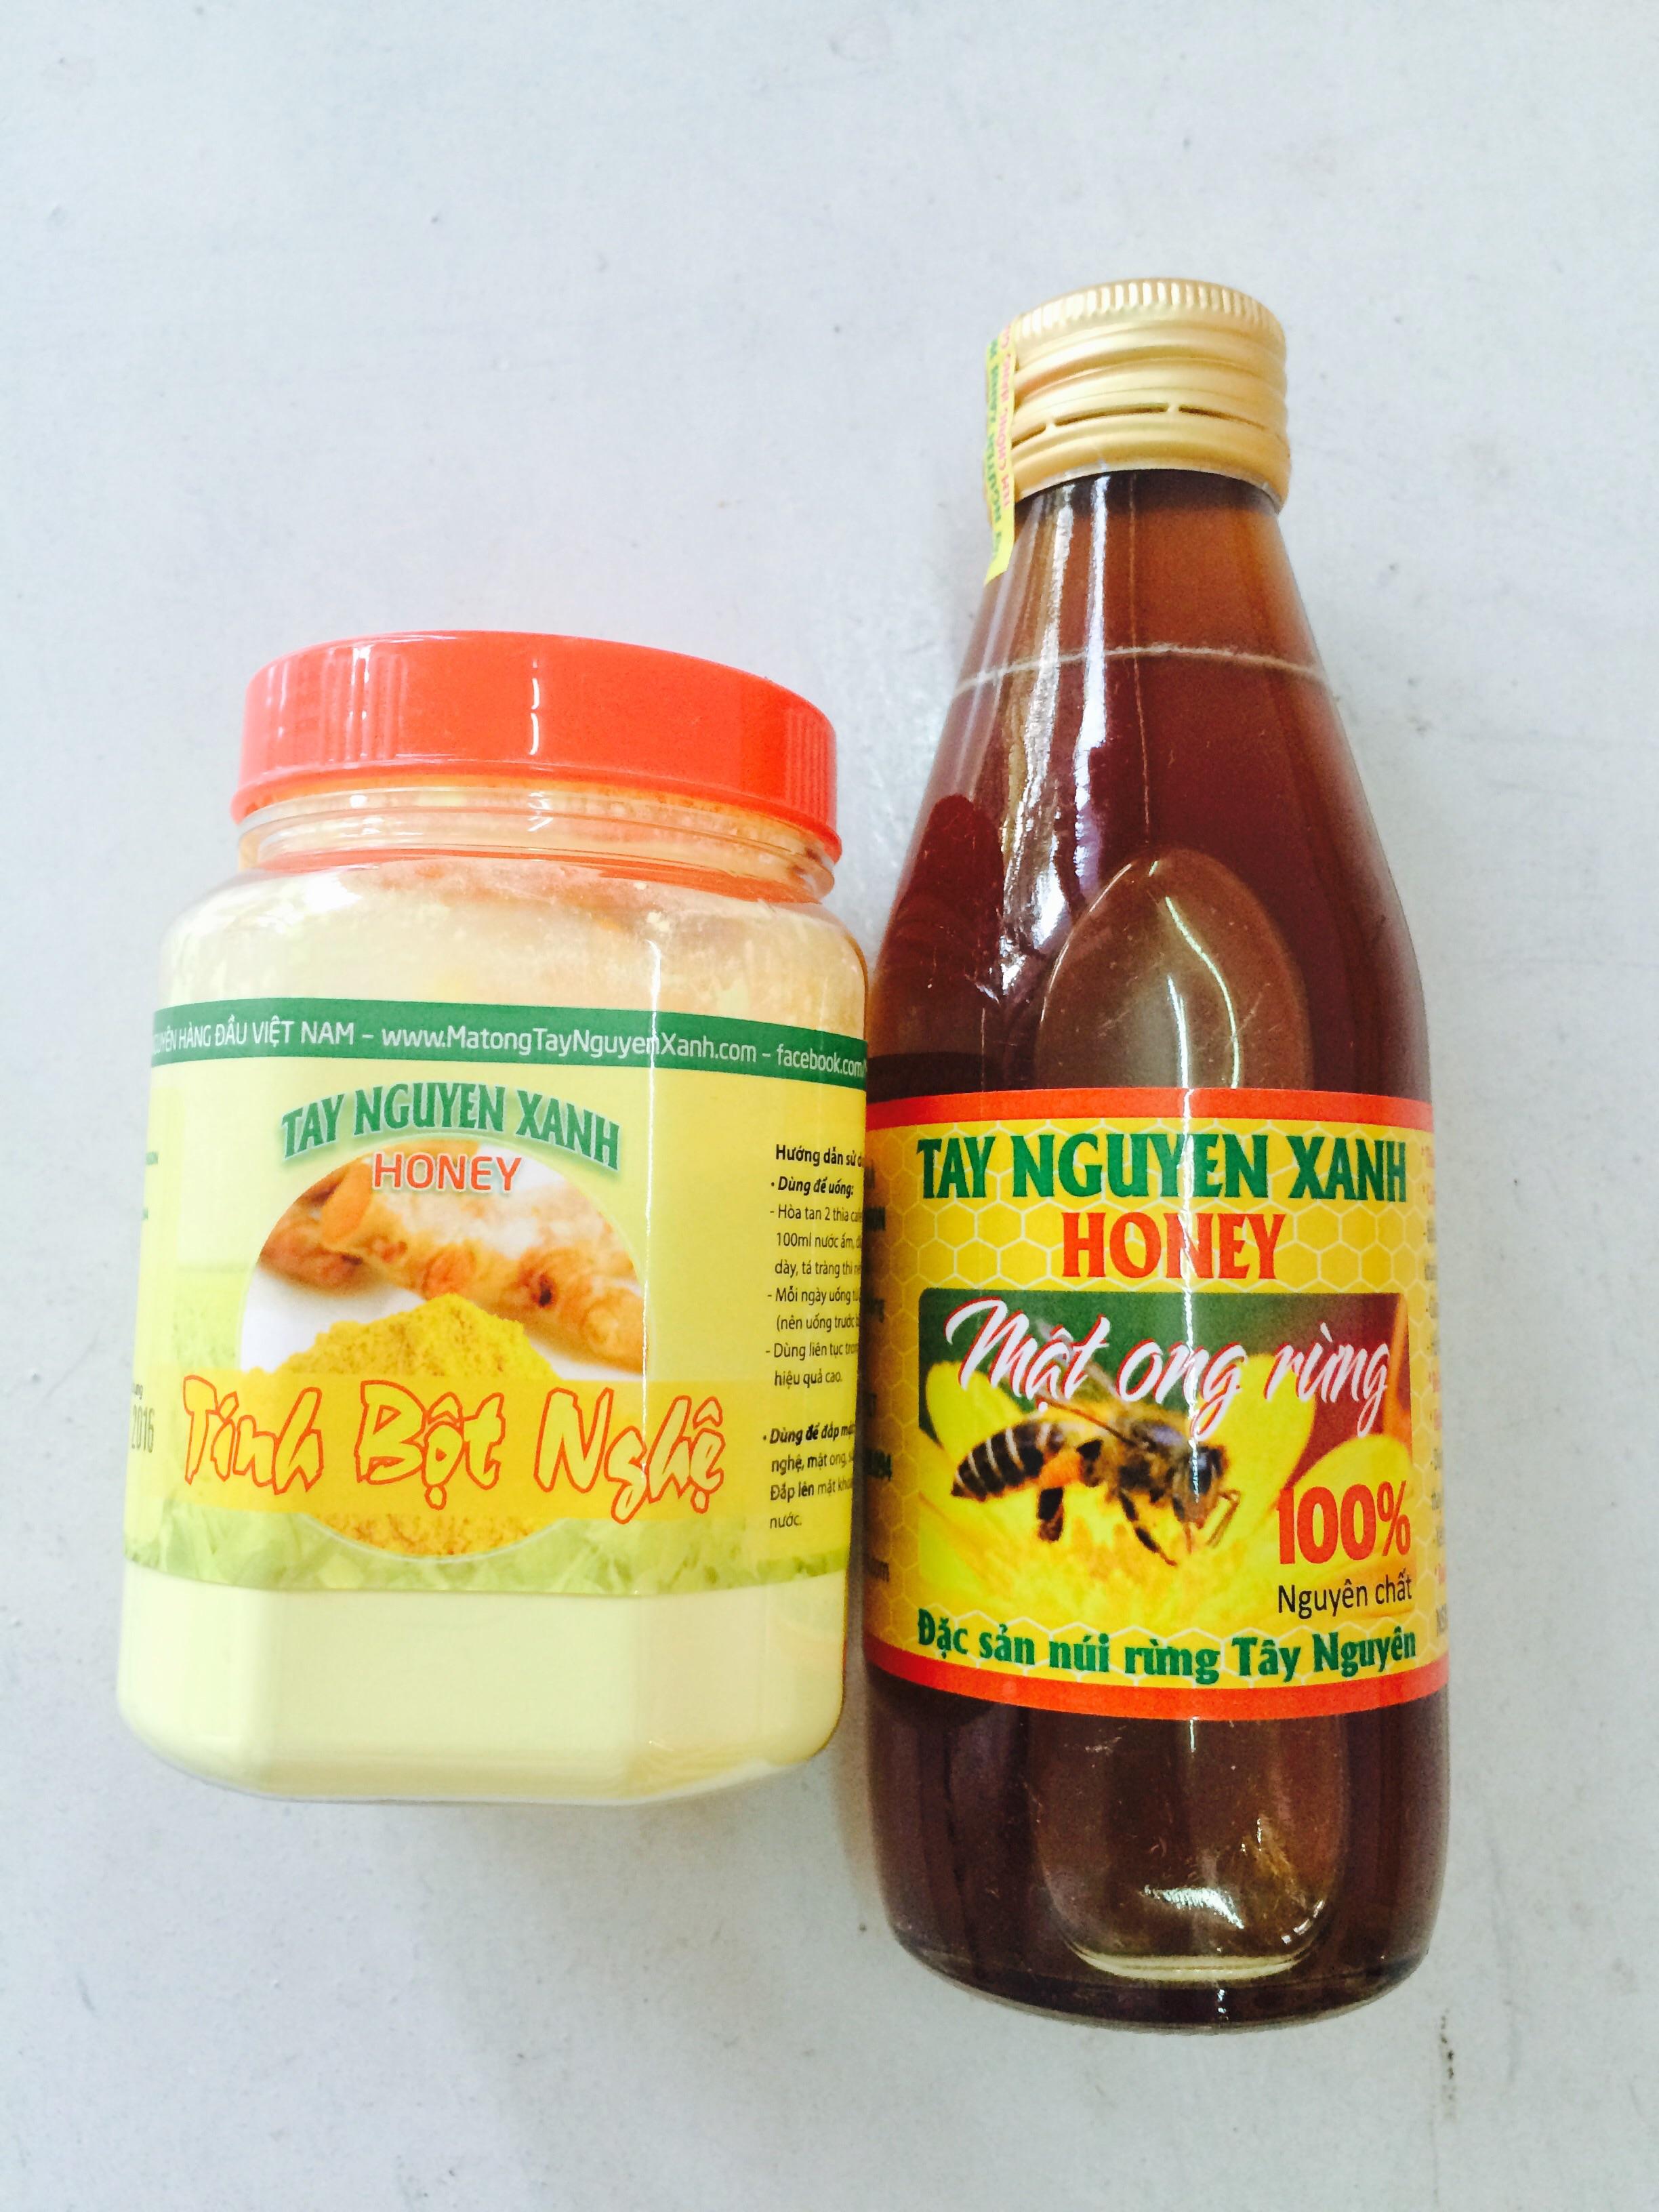 mật ong và tinh nghệ Tây Nguyên Xanh